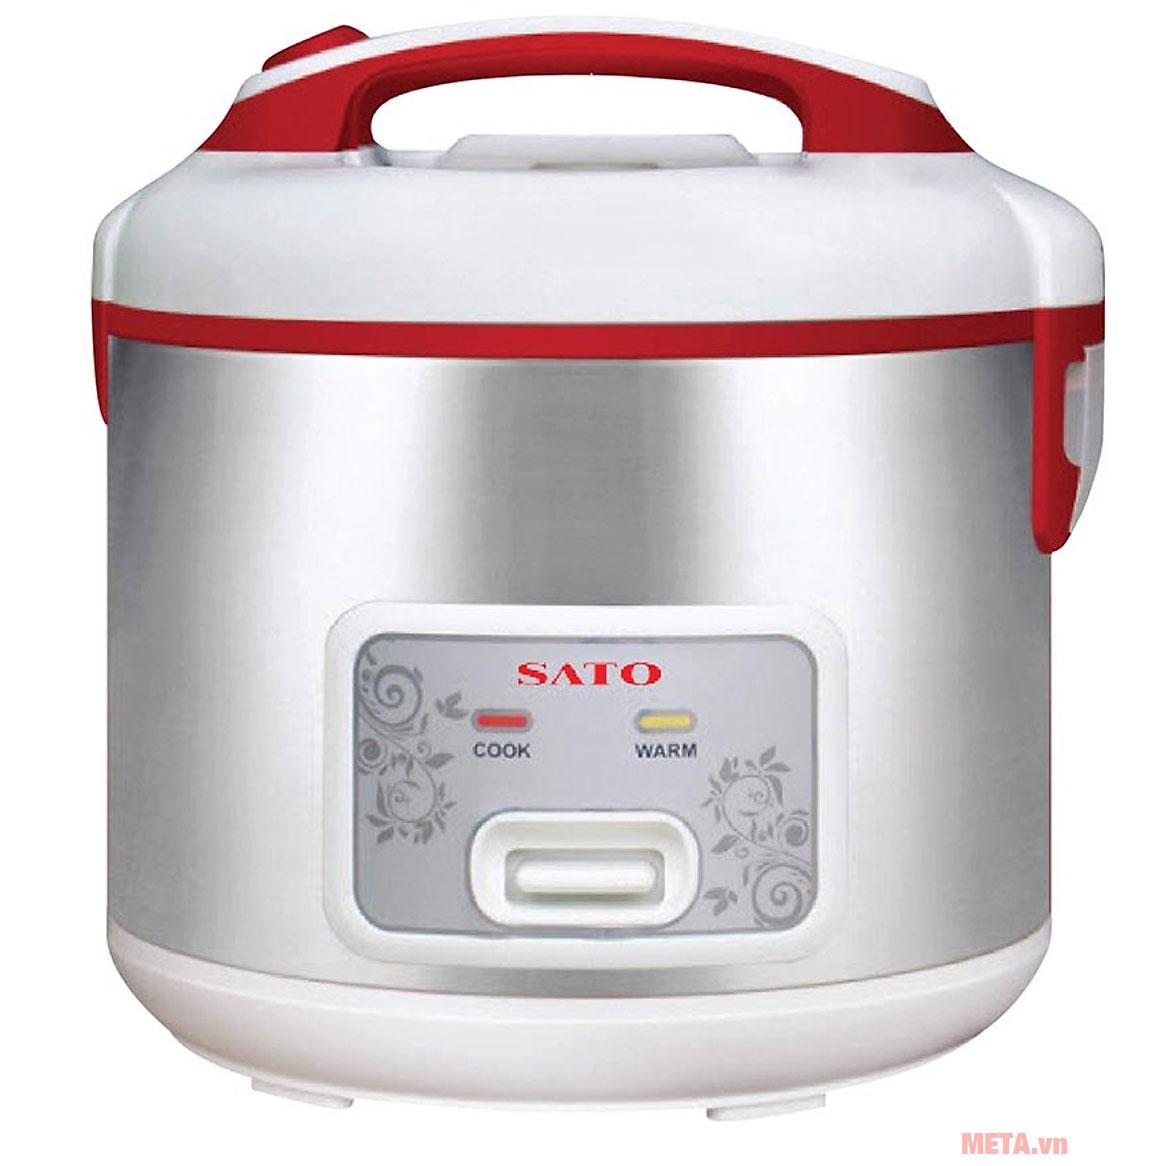 Nồi cơm điện SATO S18-83 1.8 lít màu bạc